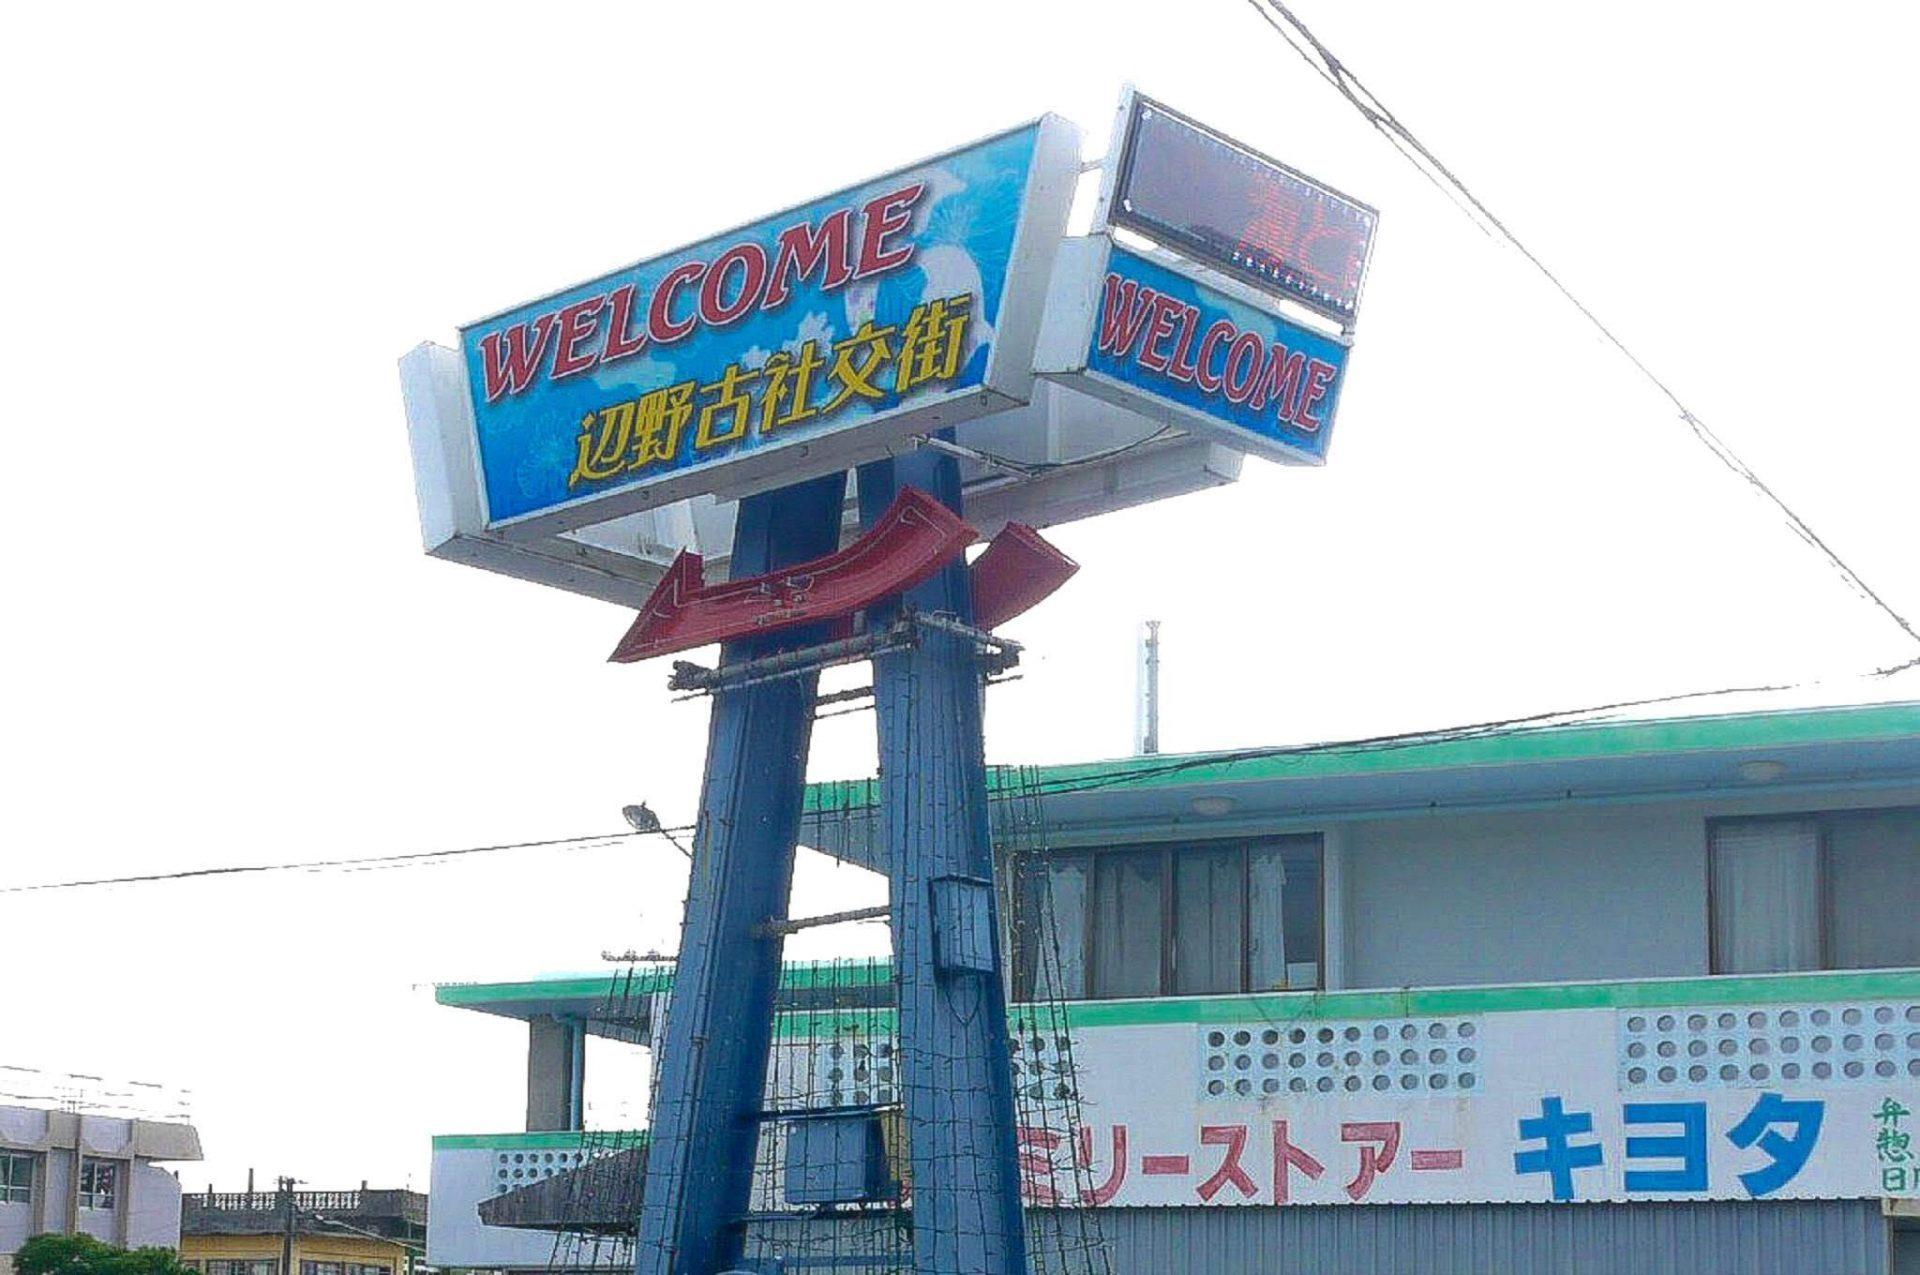 名護市 辺野古 アップルタウン 沖縄 一人 ひとり 旅 男 観光 旅行